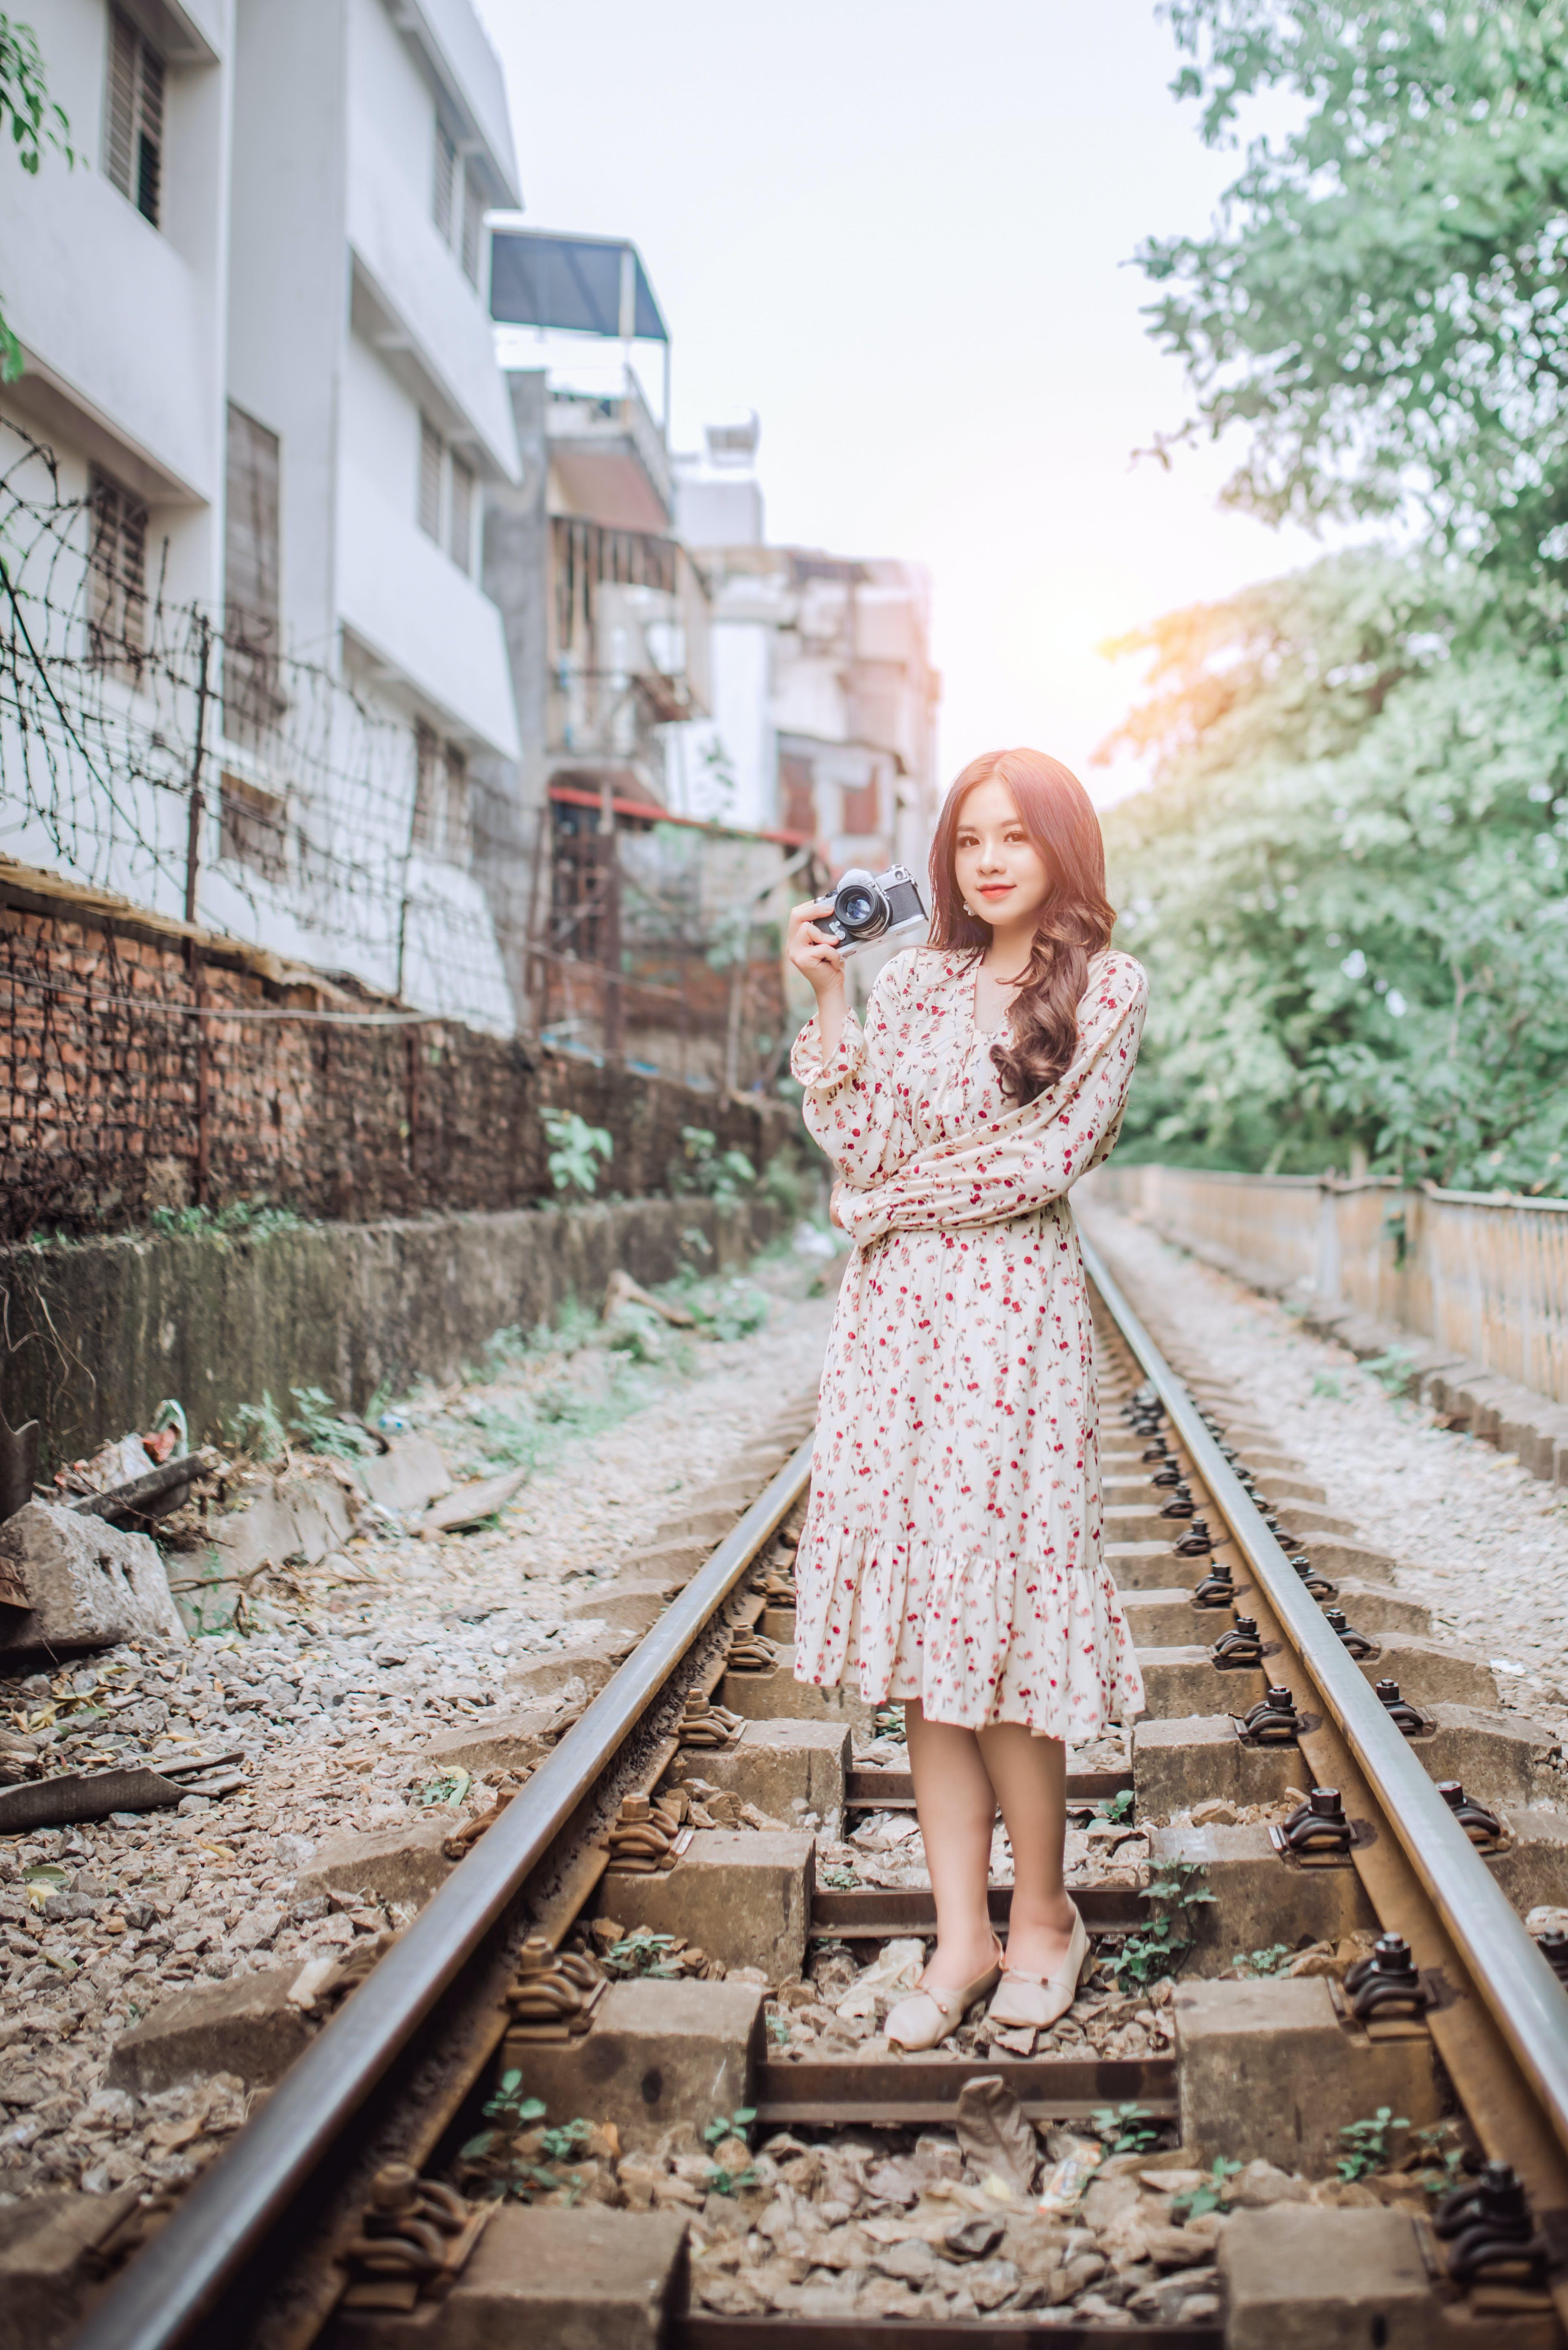 açık hava, aşındırmak, Asyalı kadın, elbise içeren Ücretsiz stok fotoğraf